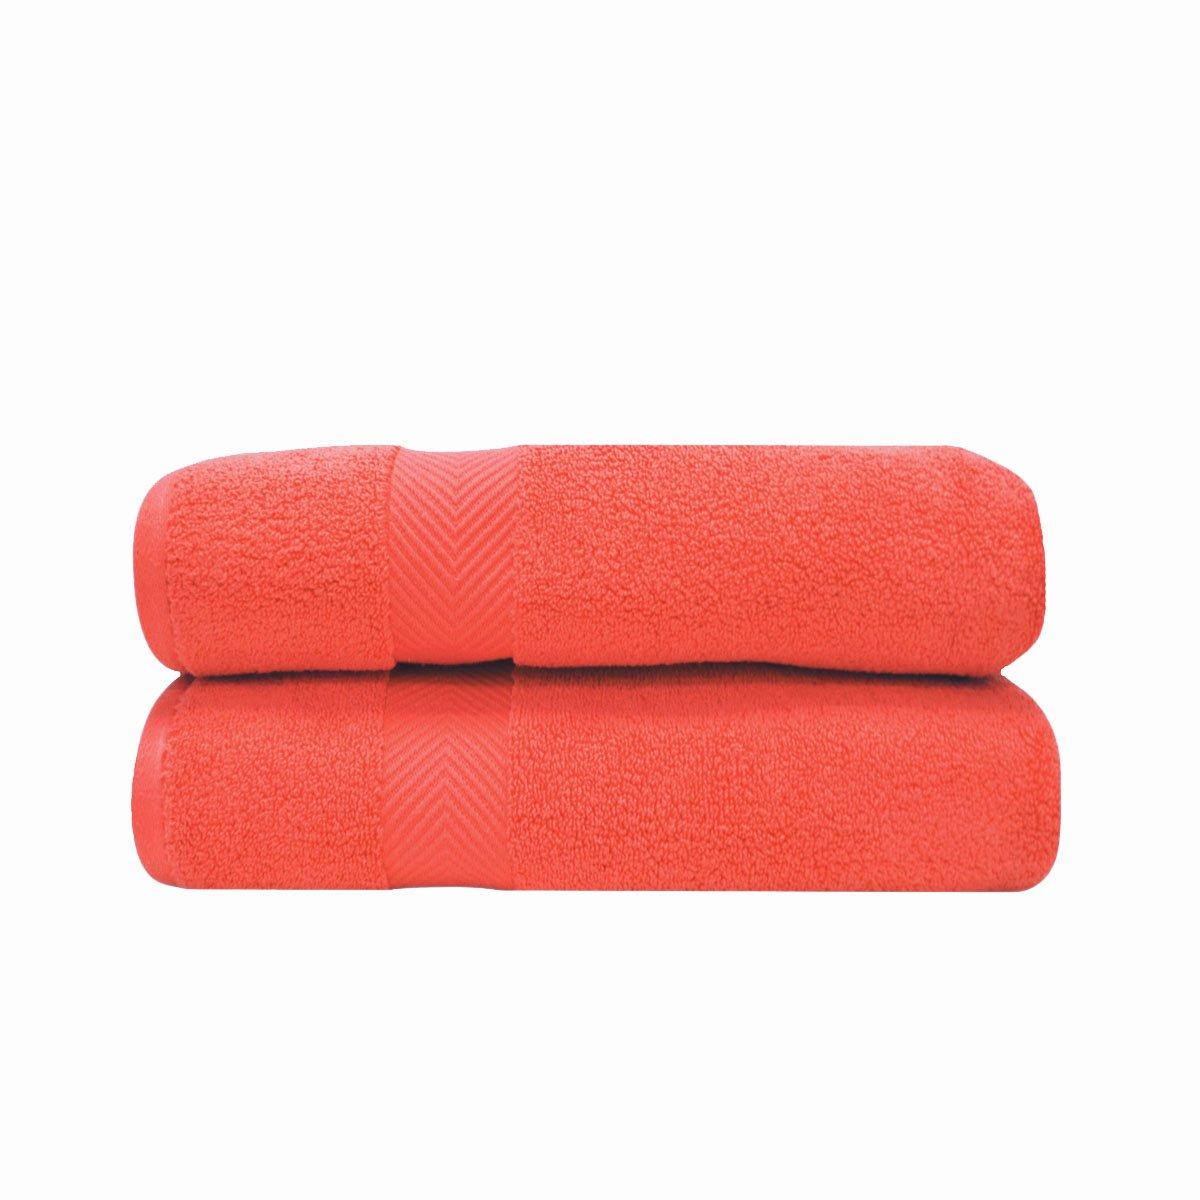 2ピースバスタオルセット、吸収性ゼロツイストコットン、10色 Bath Sheets オレンジ BNM ZT BSHEET CO B076X7WXJ9 コーラル Bath Sheets